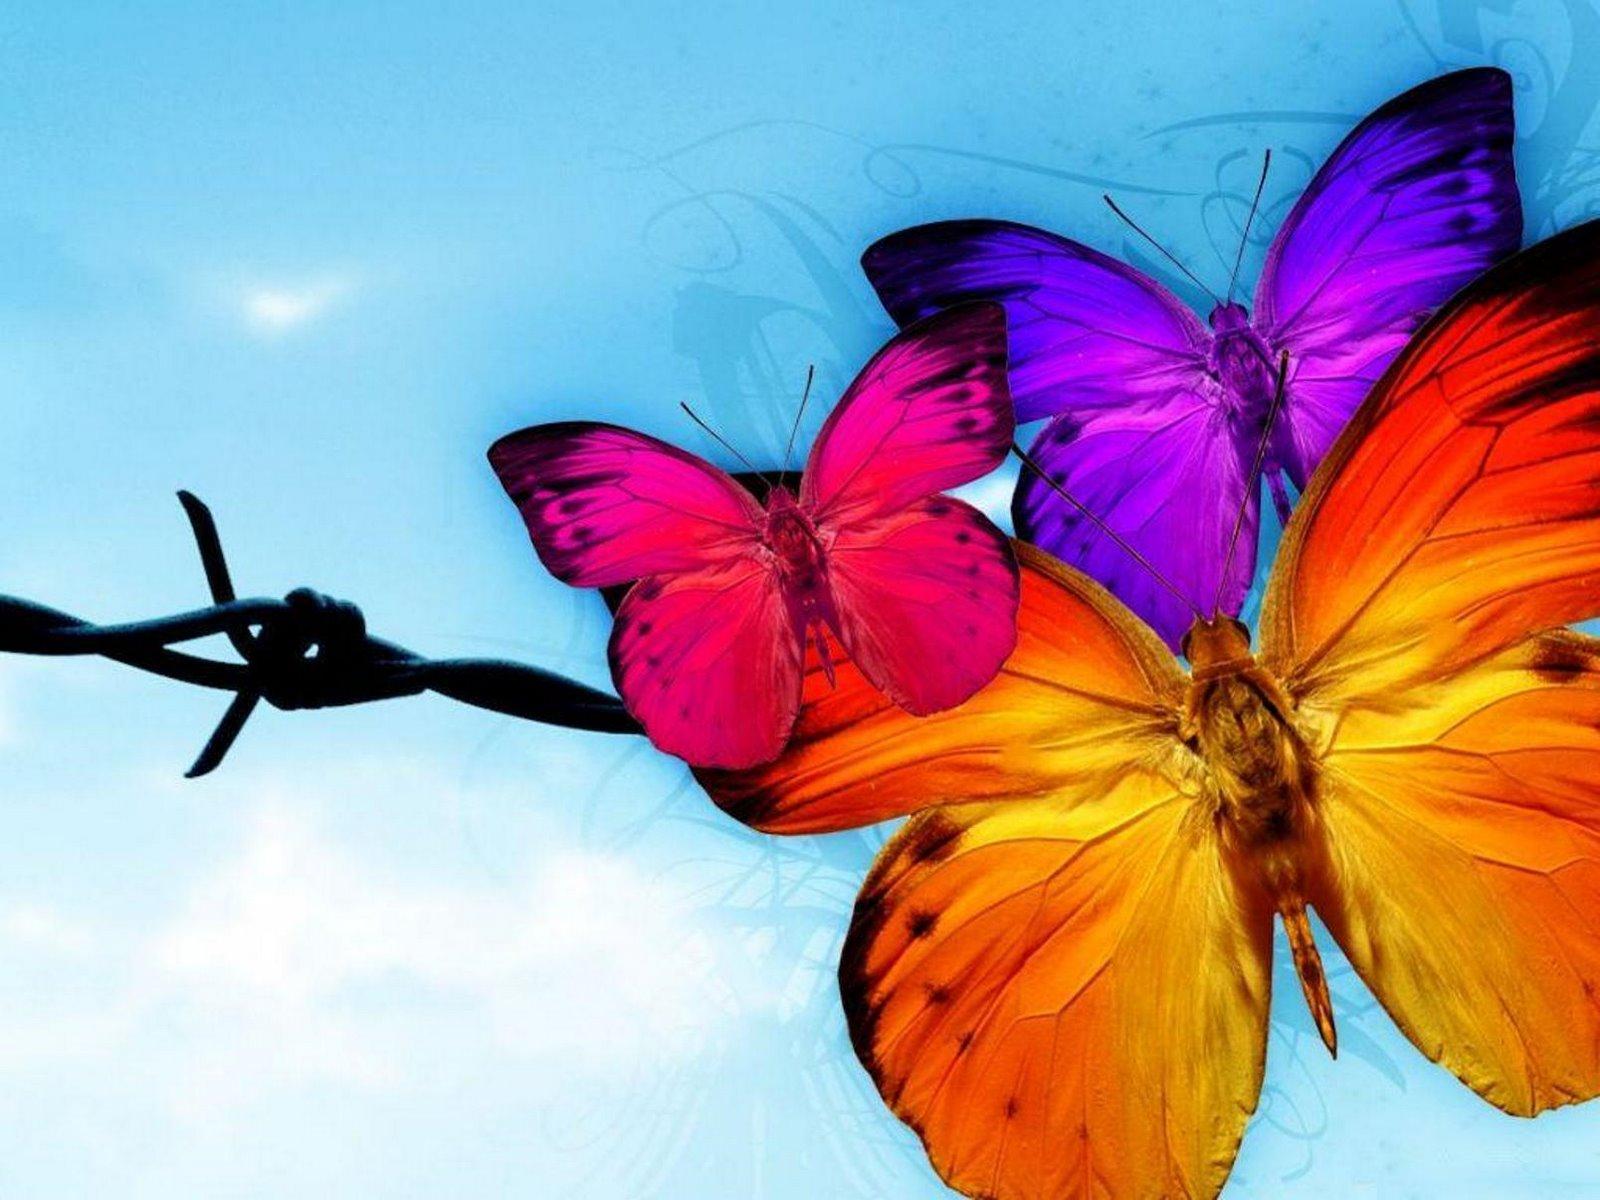 besttopdesktopbutterflieswallpaperhdbutterflywallpaper35.jpg